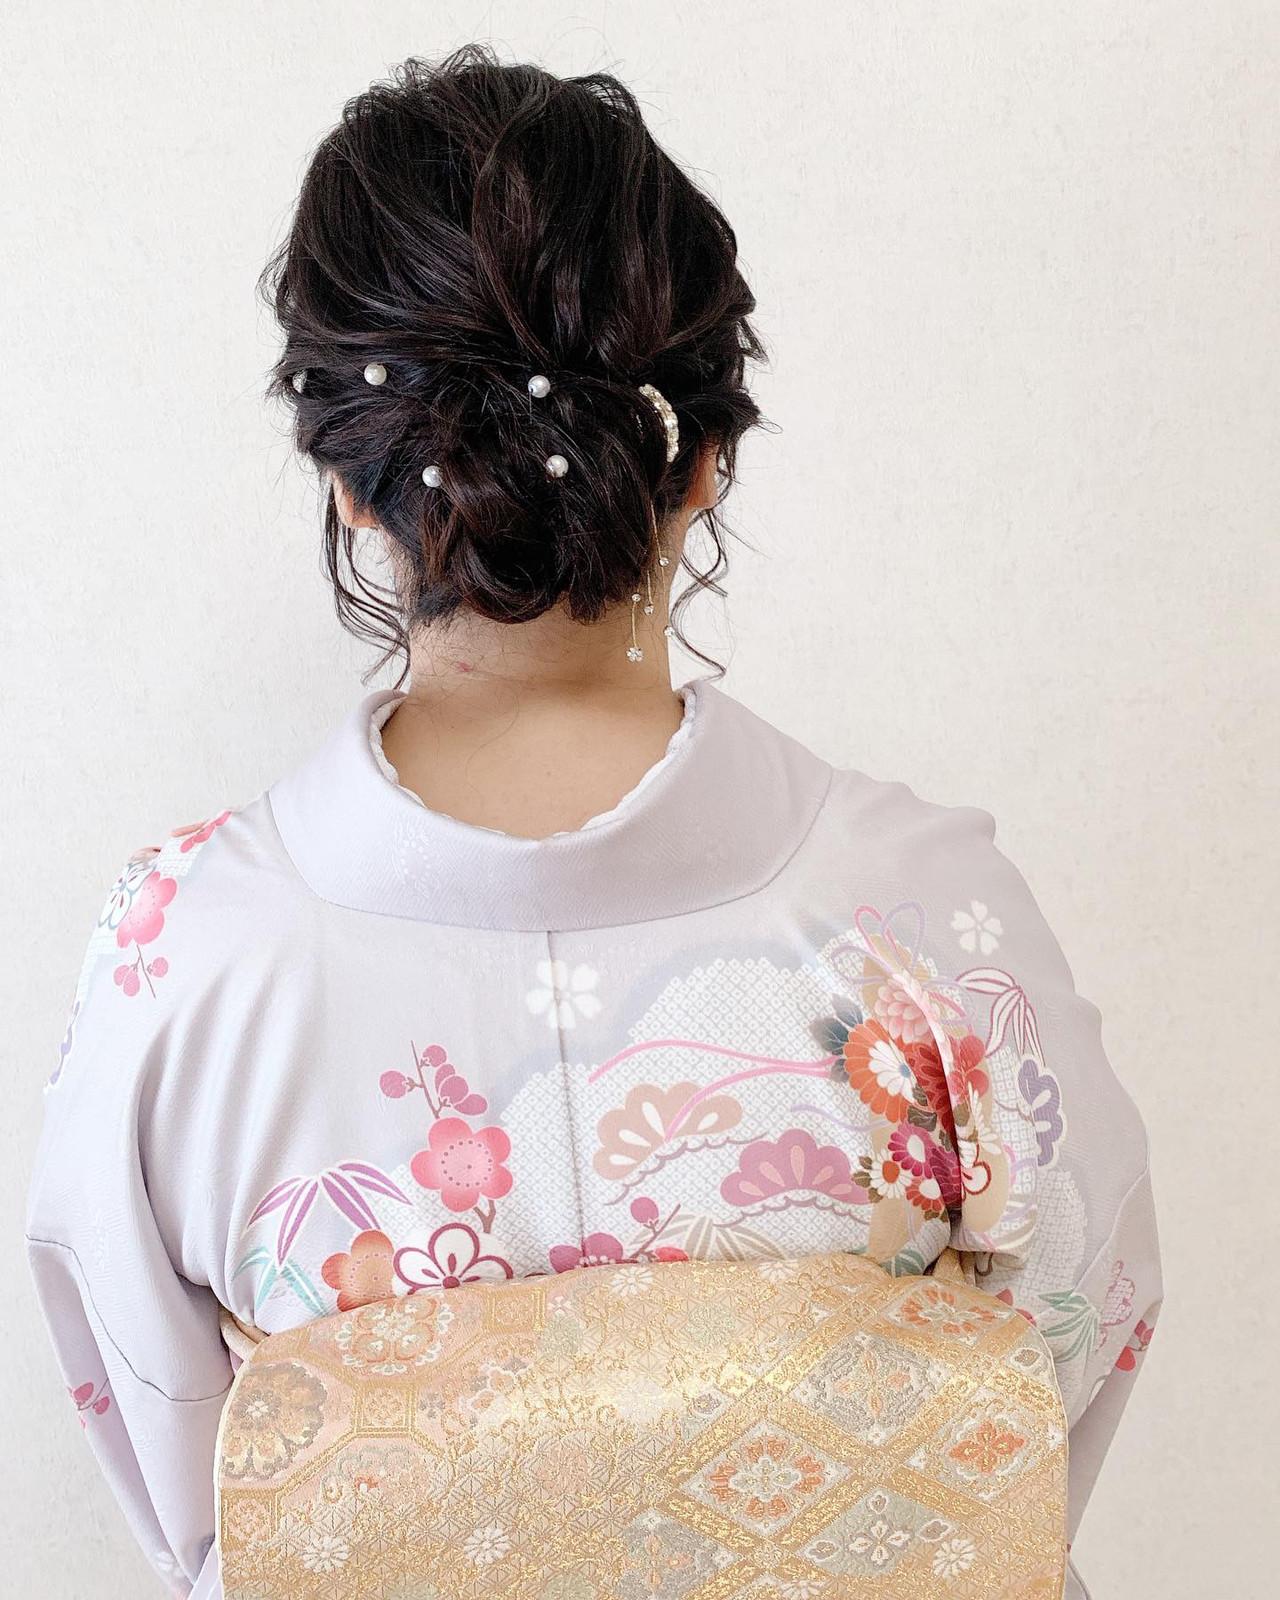 着物 訪問着 アップスタイル 結婚式 ヘアスタイルや髪型の写真・画像 | Moriyama Mami / 福岡天神ヘアセット・着付け専門店【Three-keys】